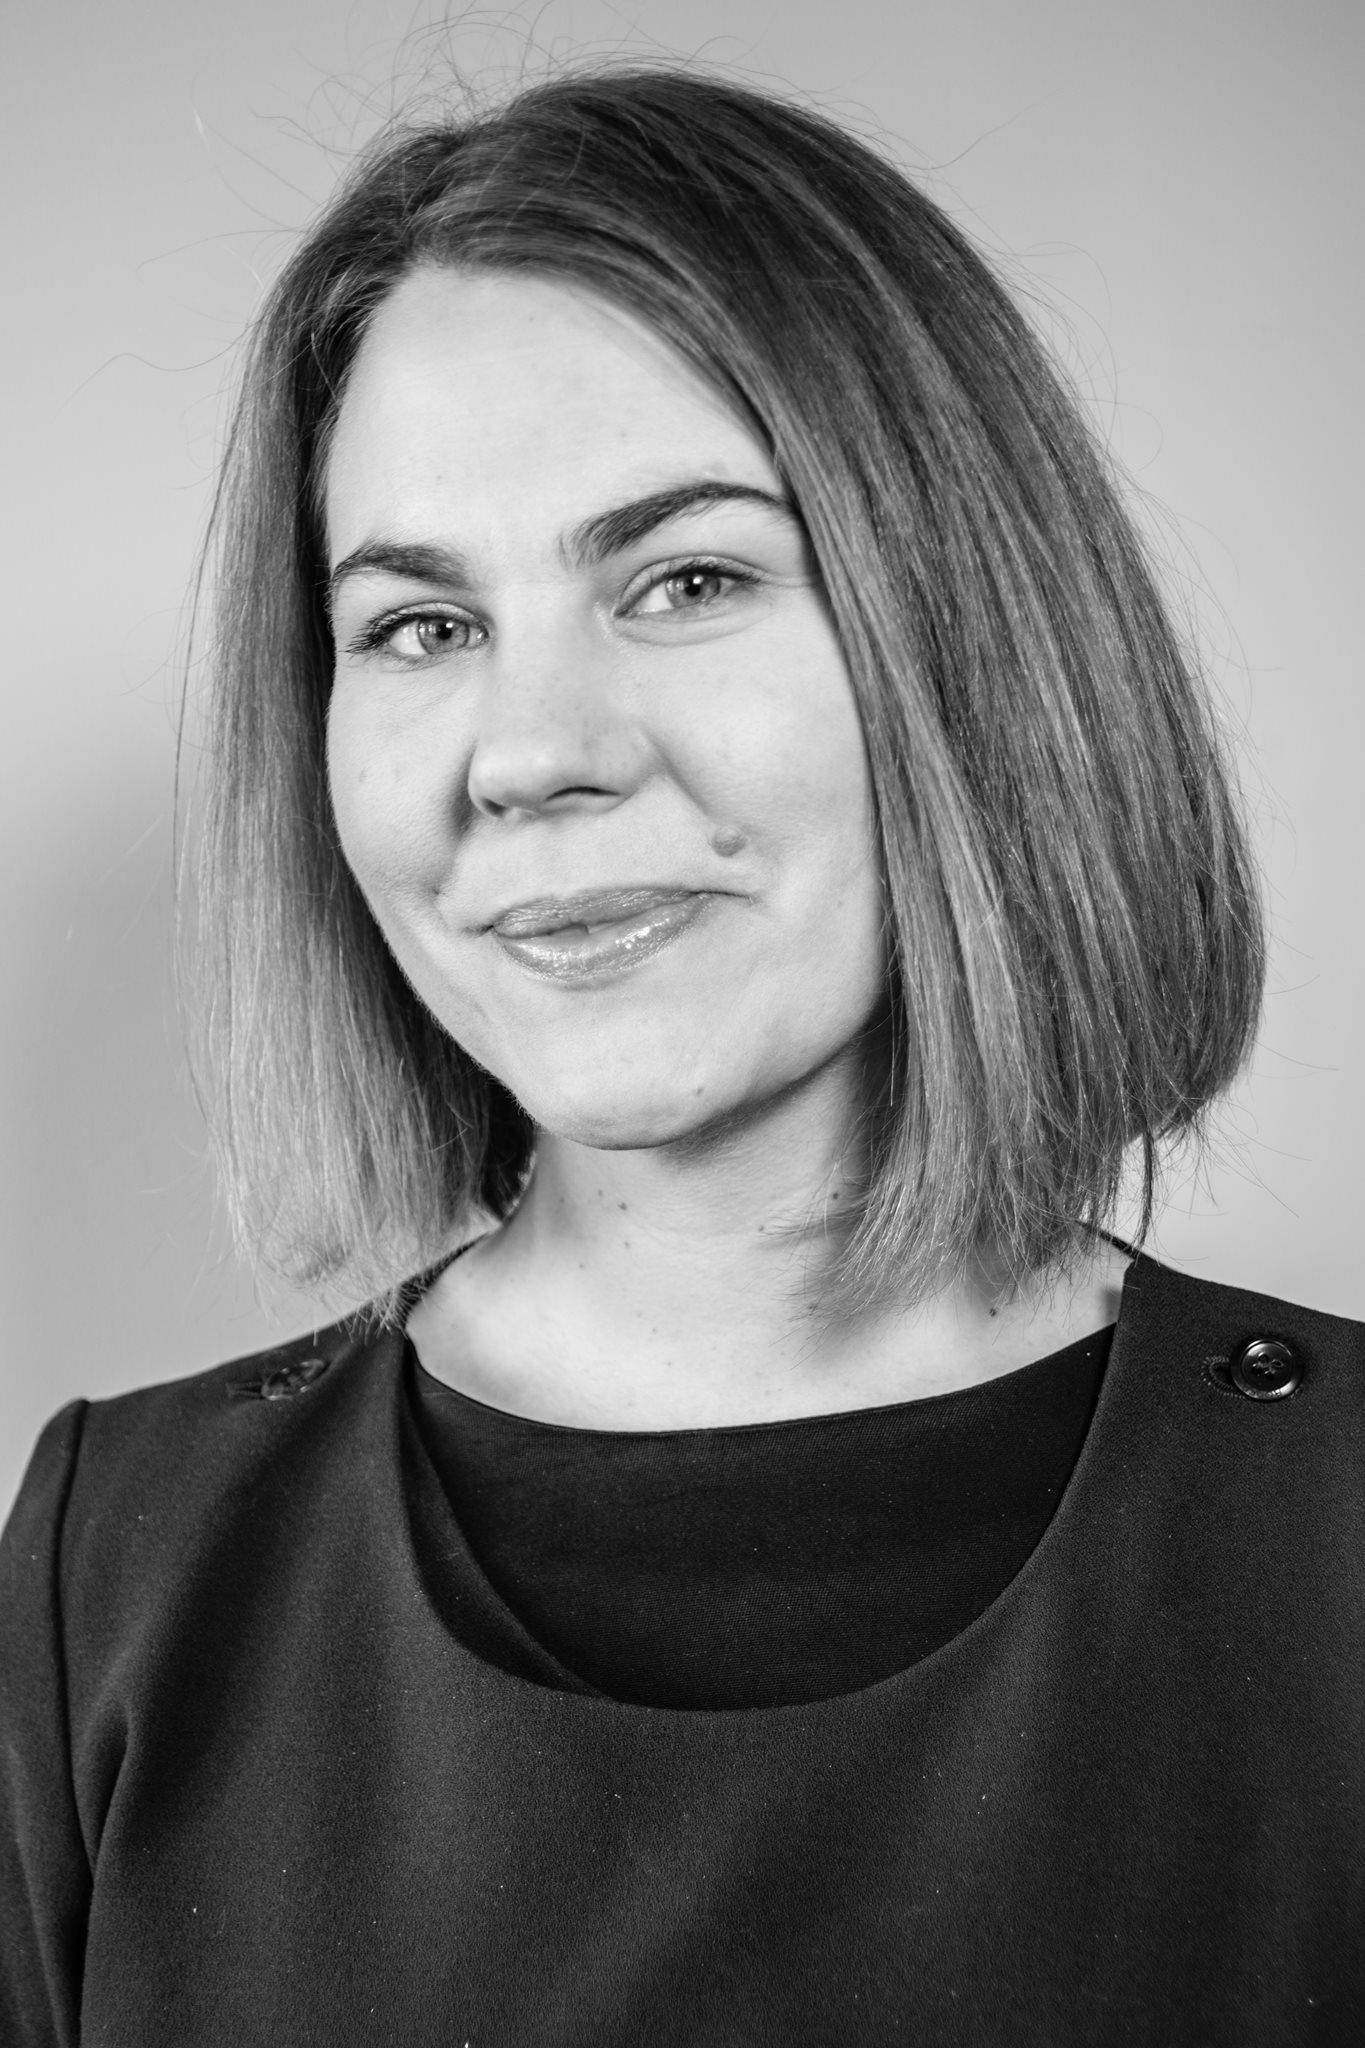 Emilia Holmqvist